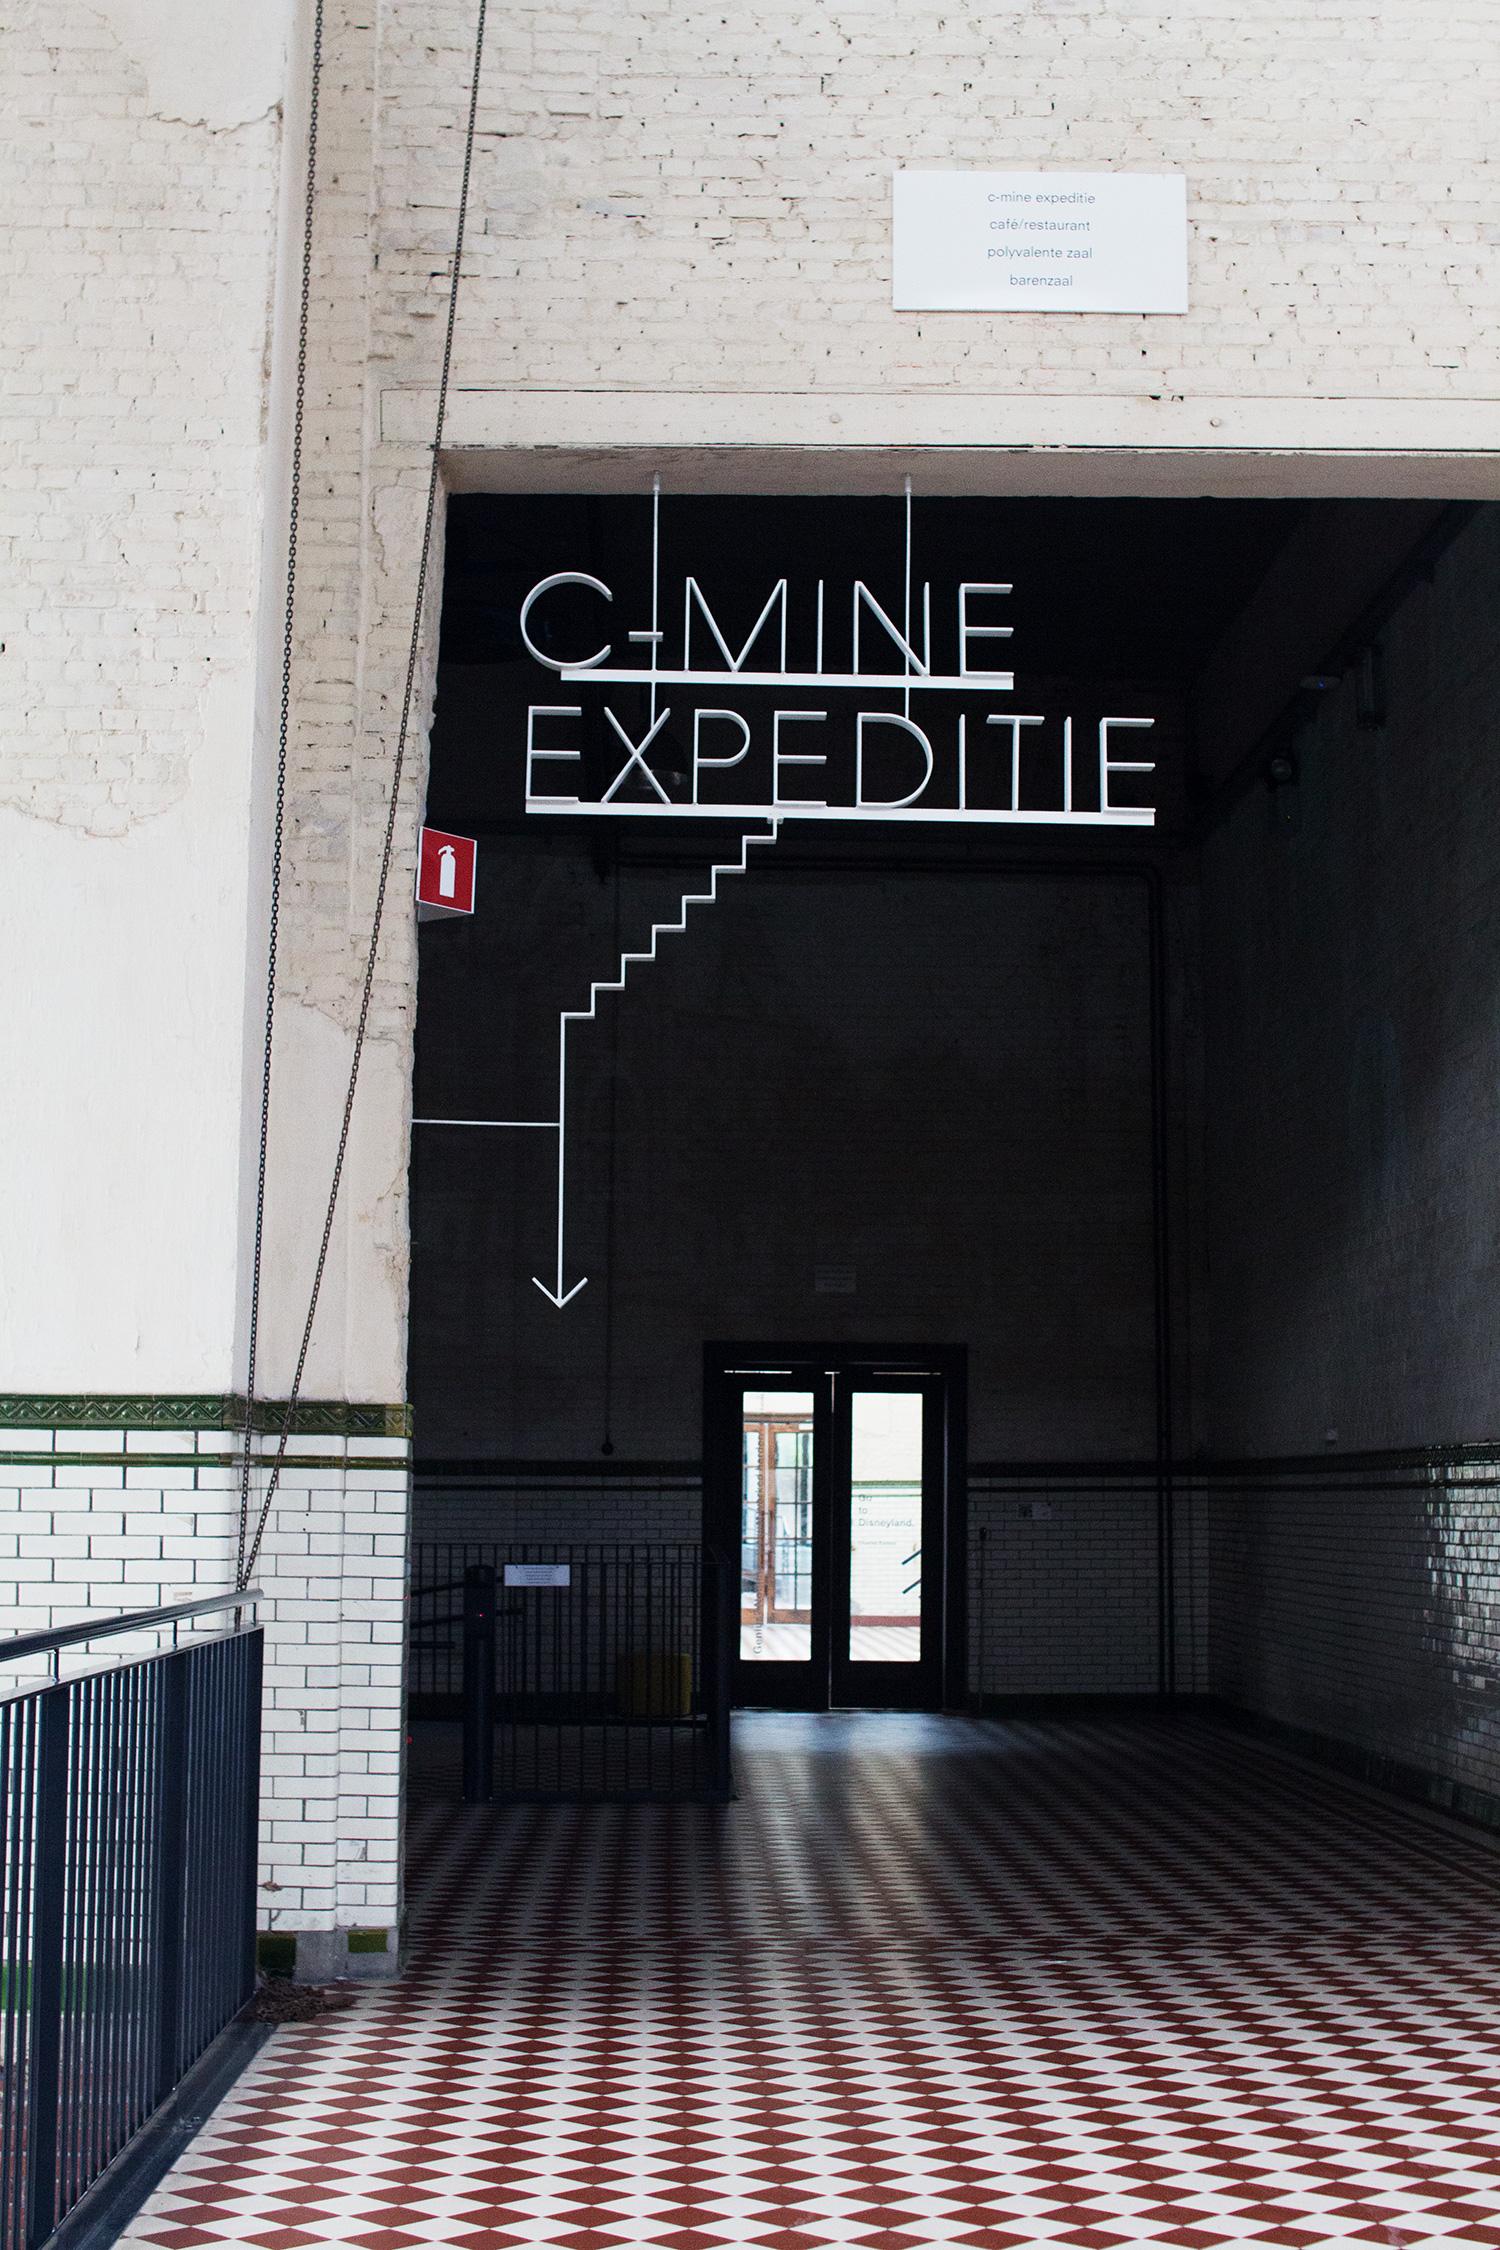 C-mine expeditie sign in dark corridor, Genk